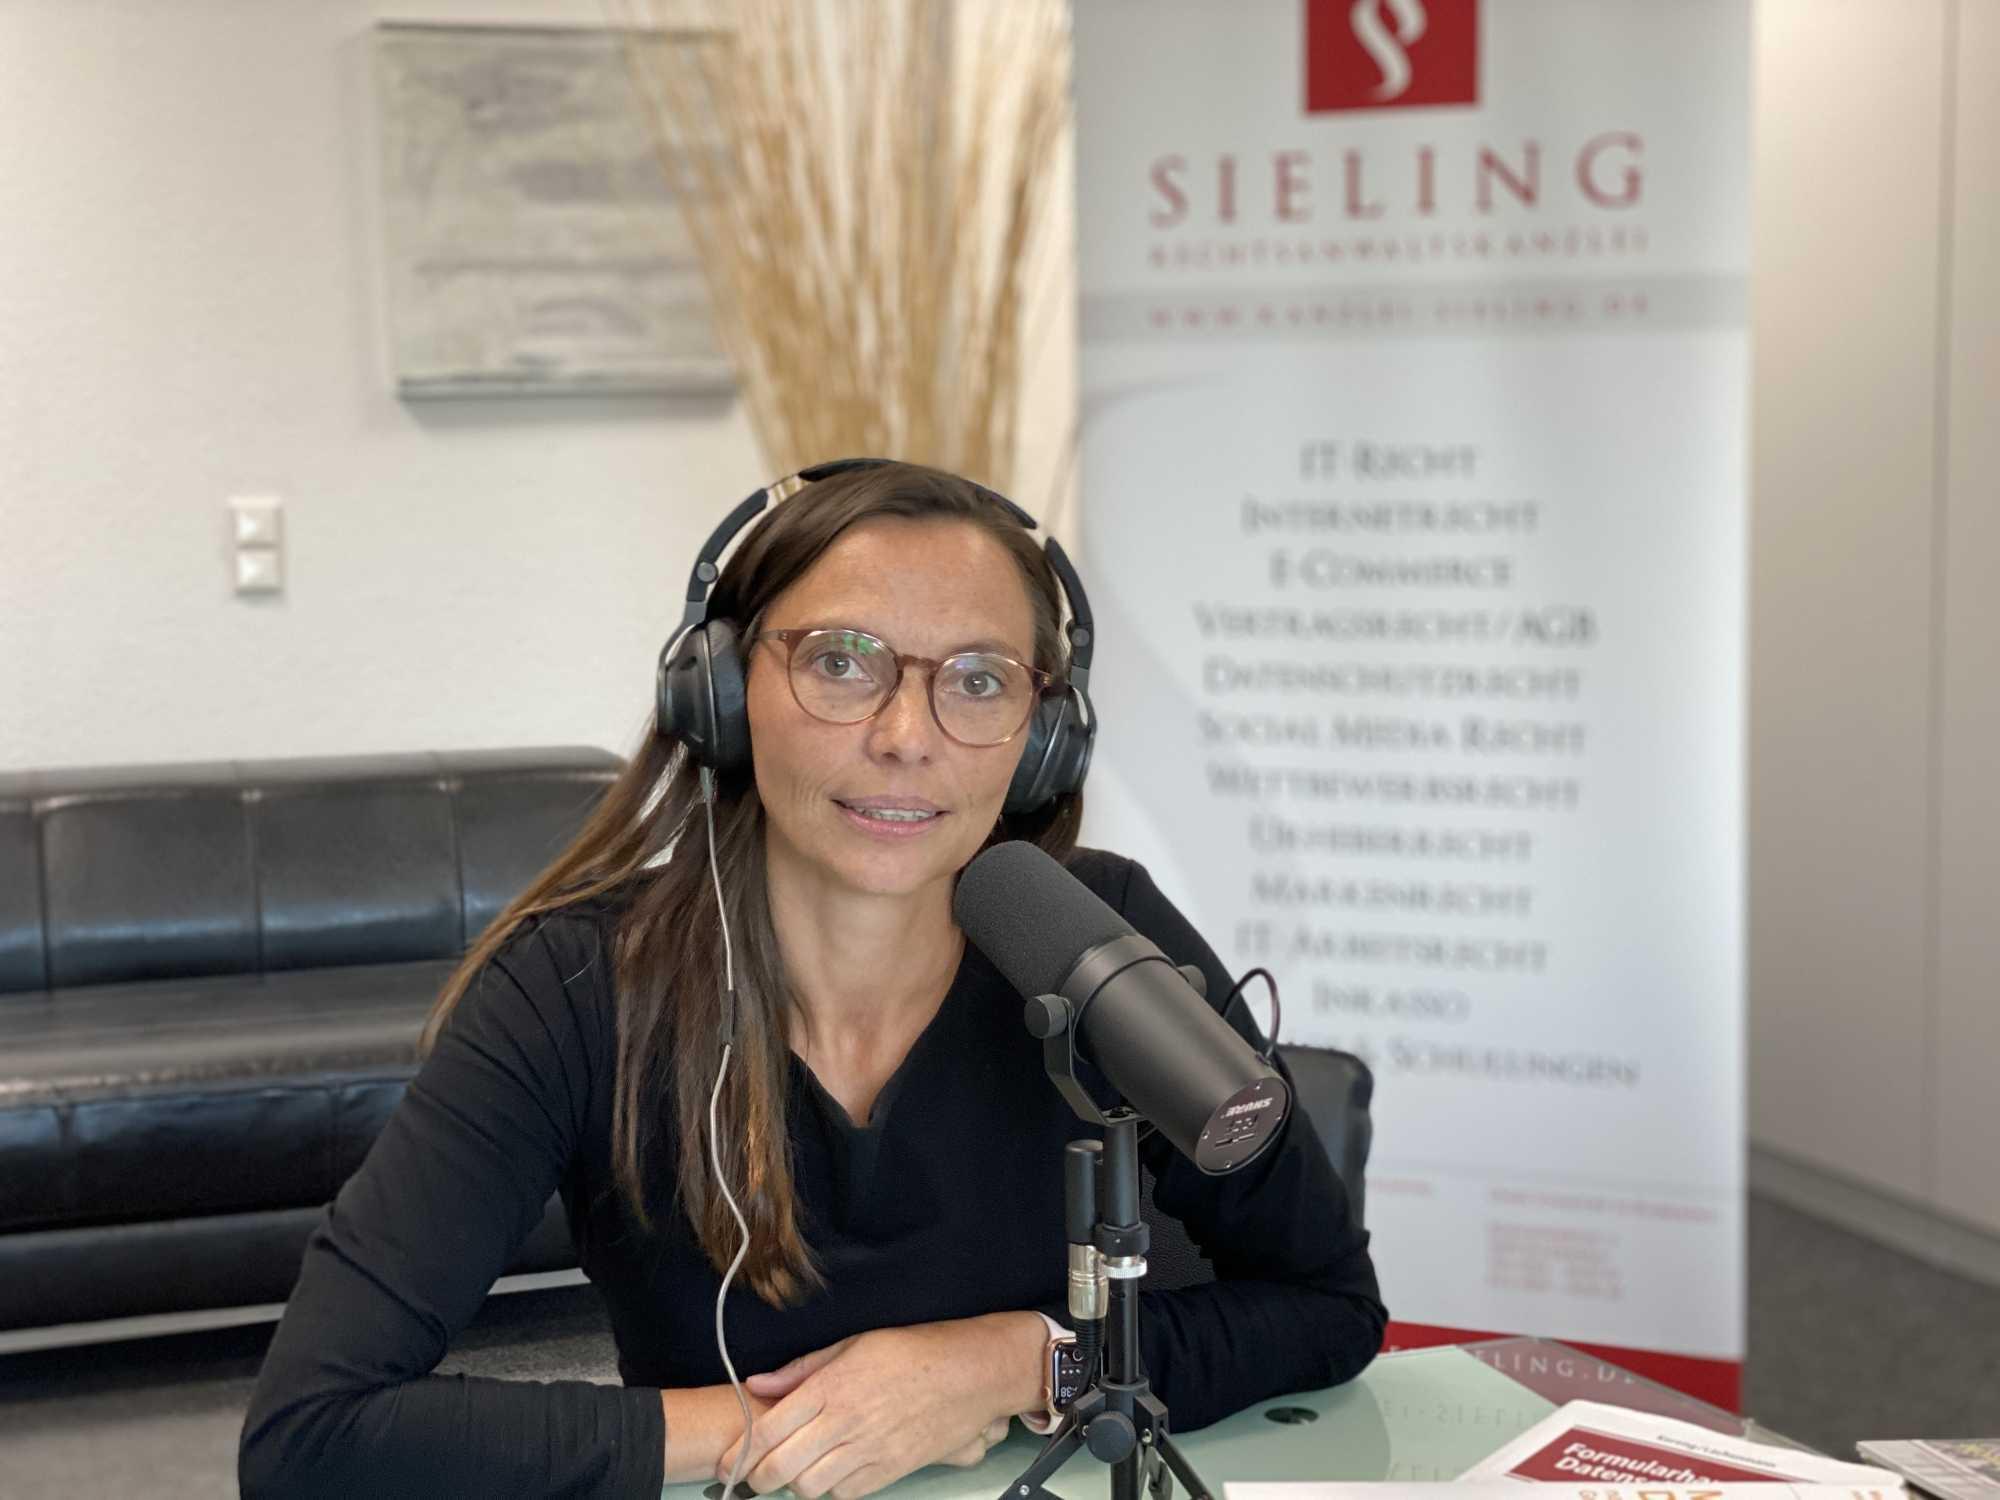 Rechtsanwältin Carola Sieling